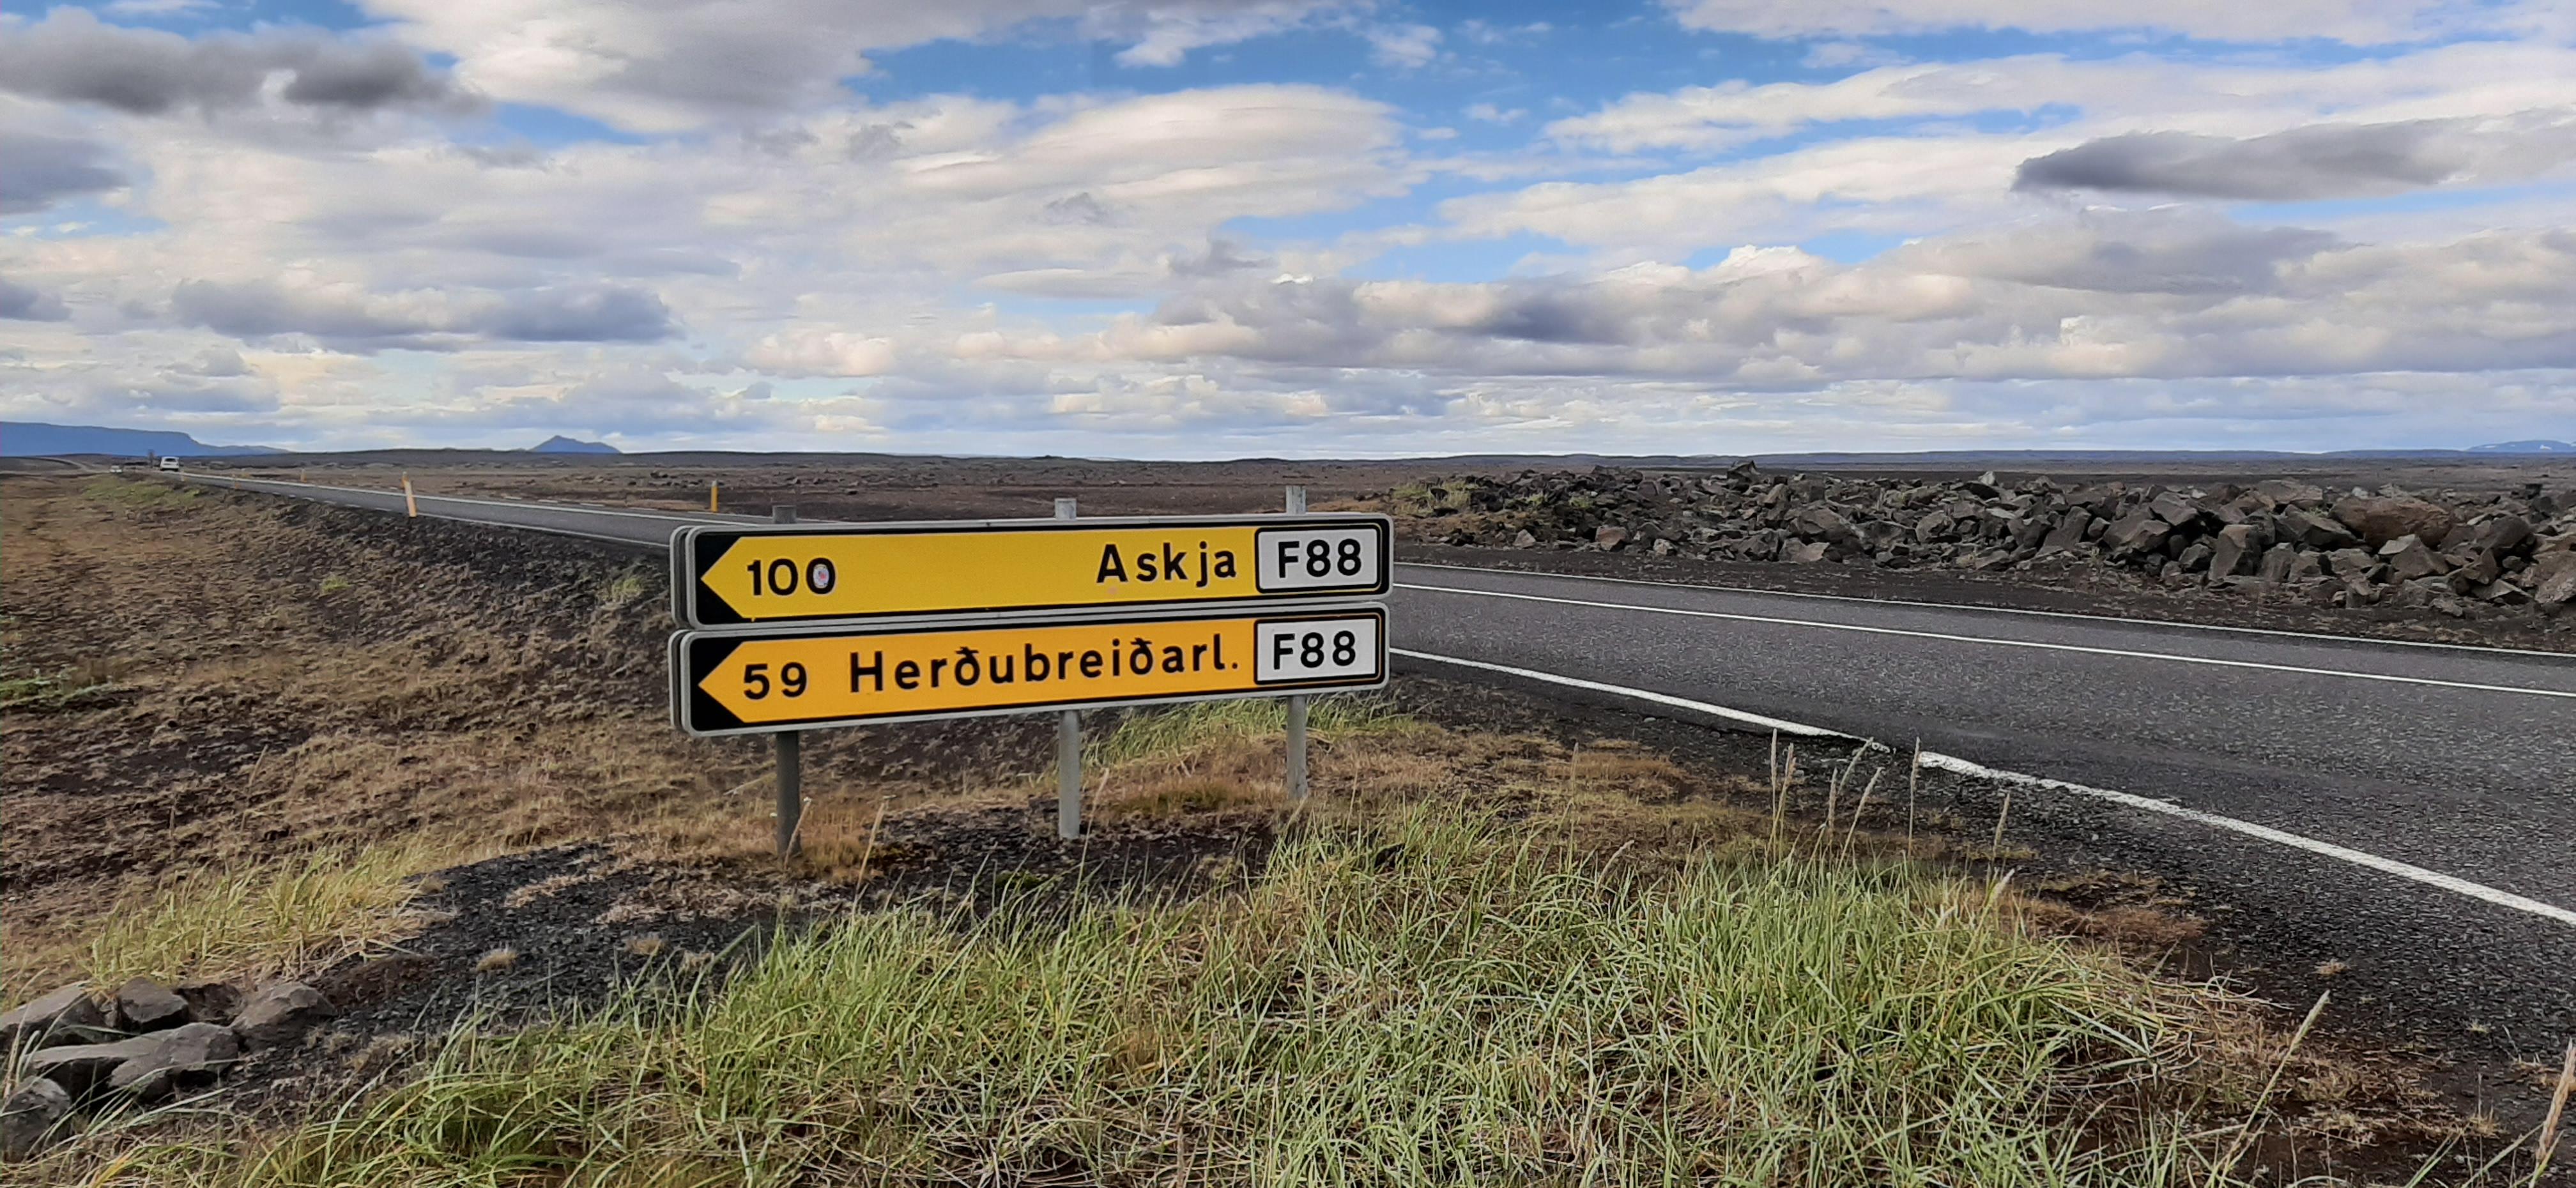 Road to Askja - F88